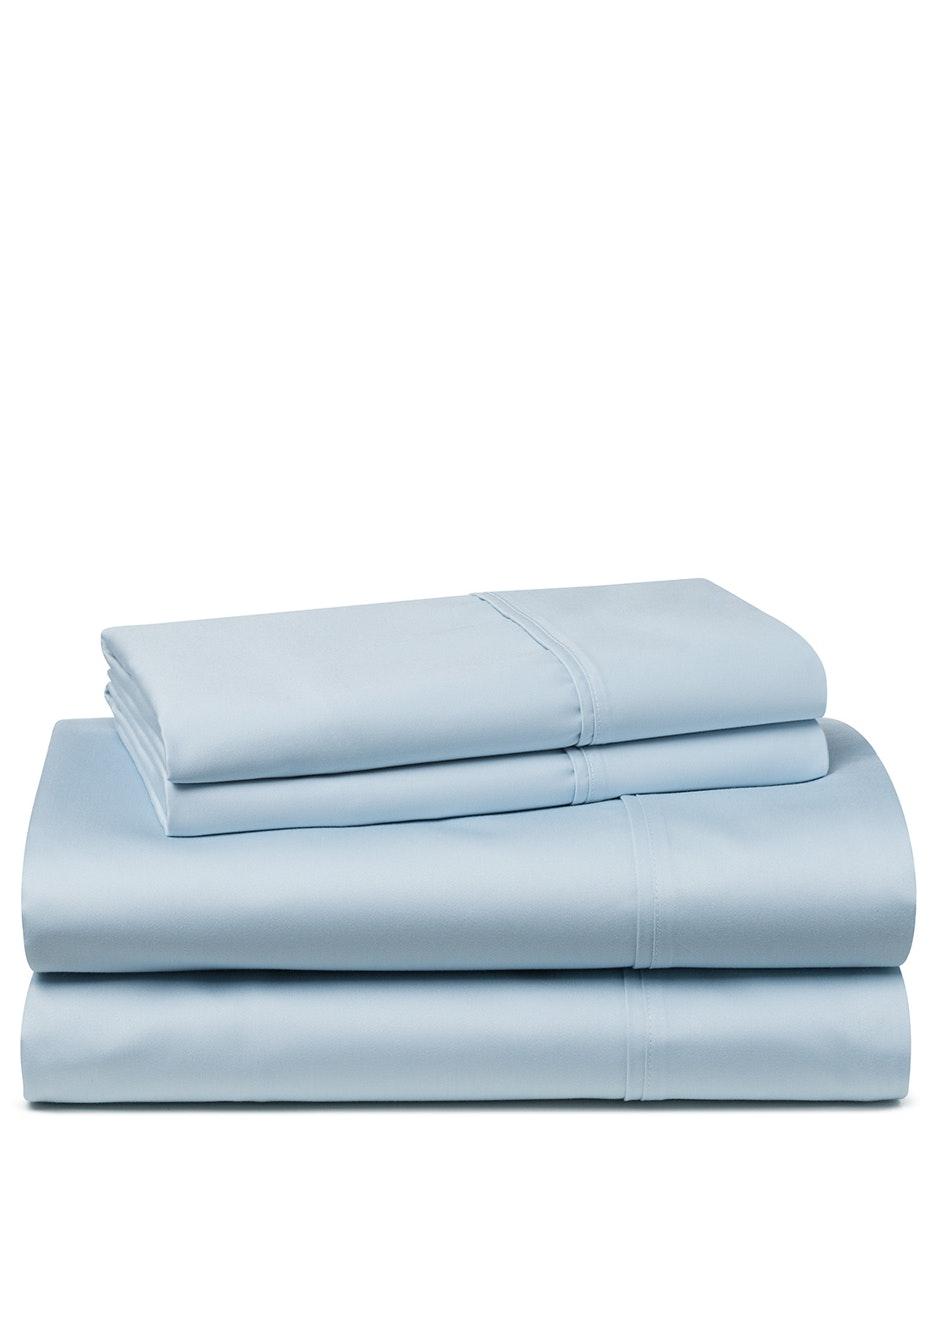 Palazzo Royale 1500TC Premium Blend Sheet Set Queen Bed Cloud Blue